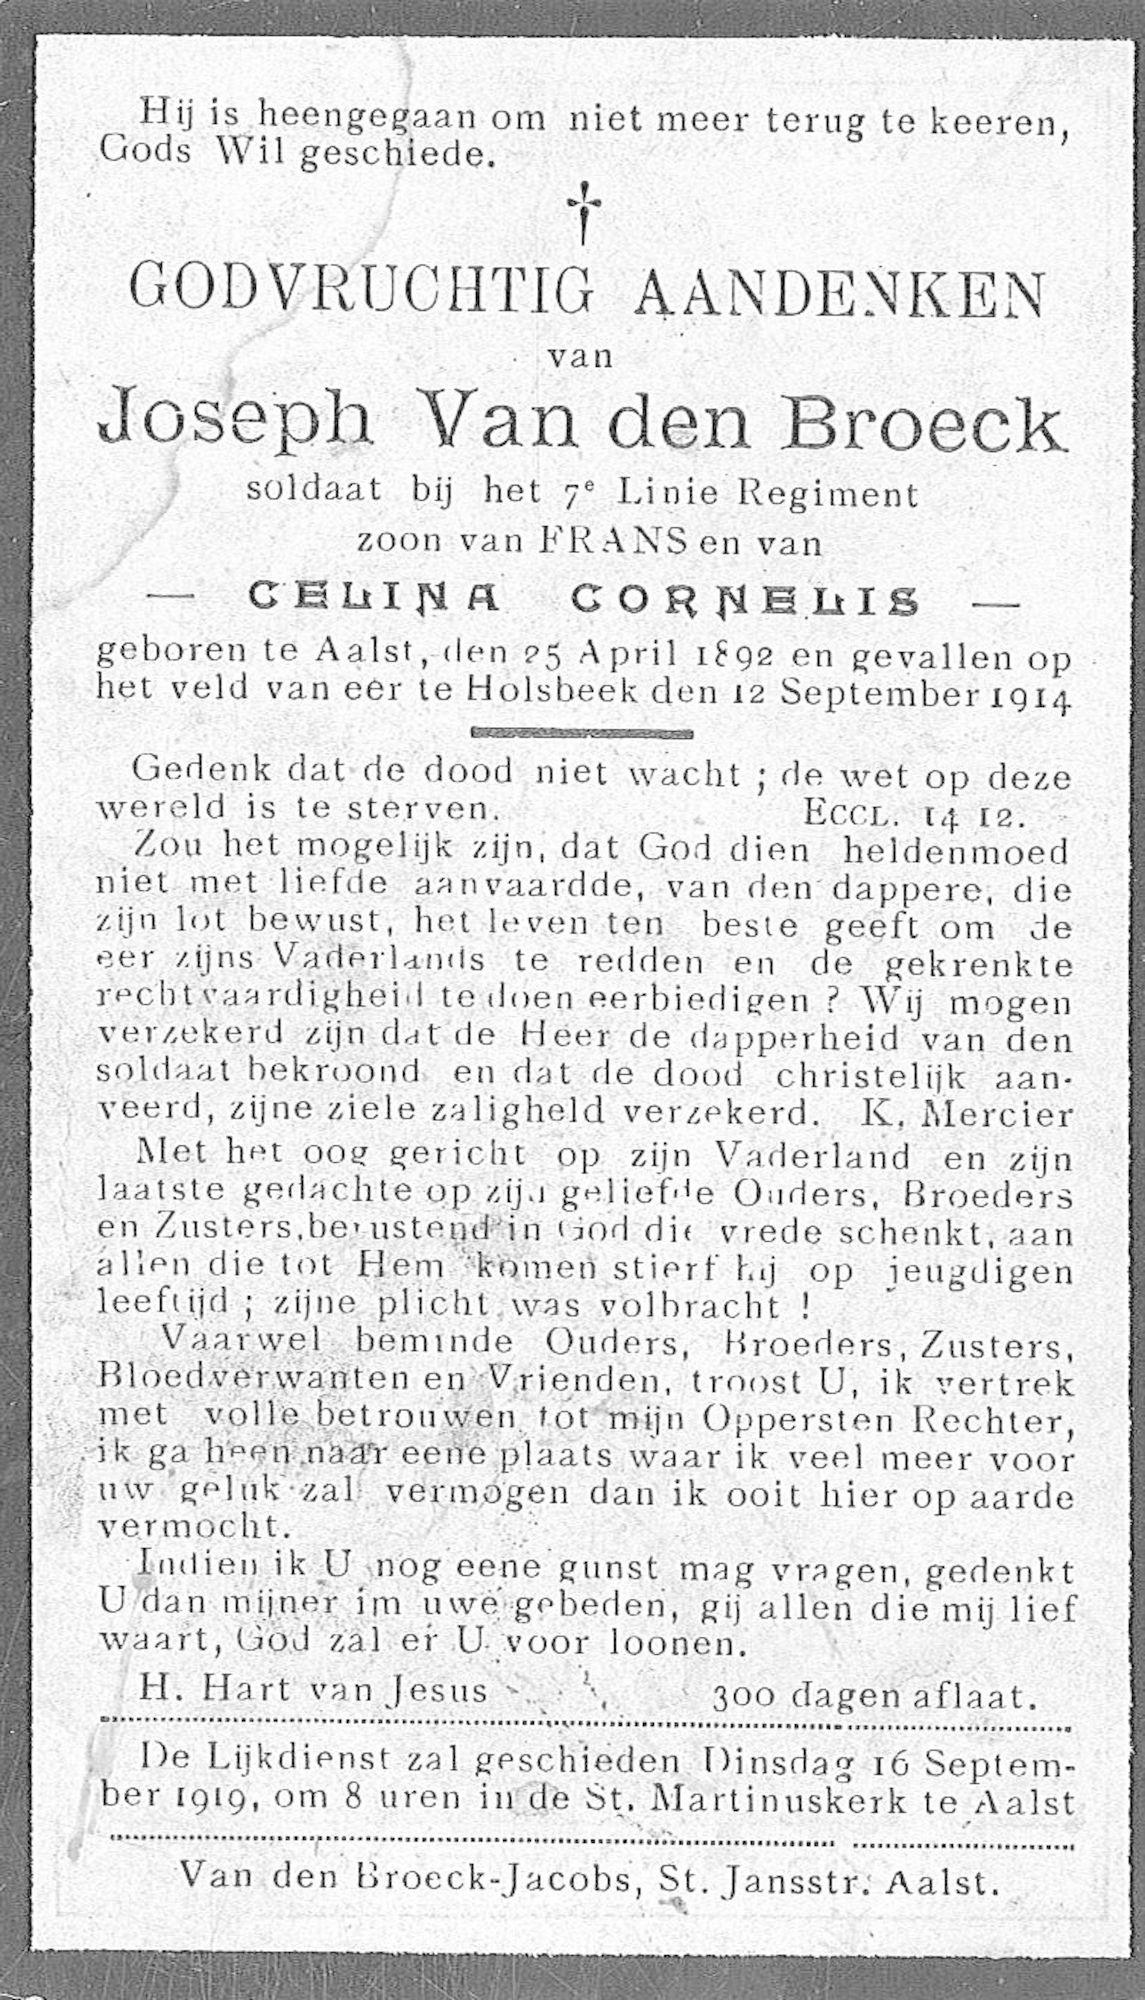 Van den Broeck Joseph